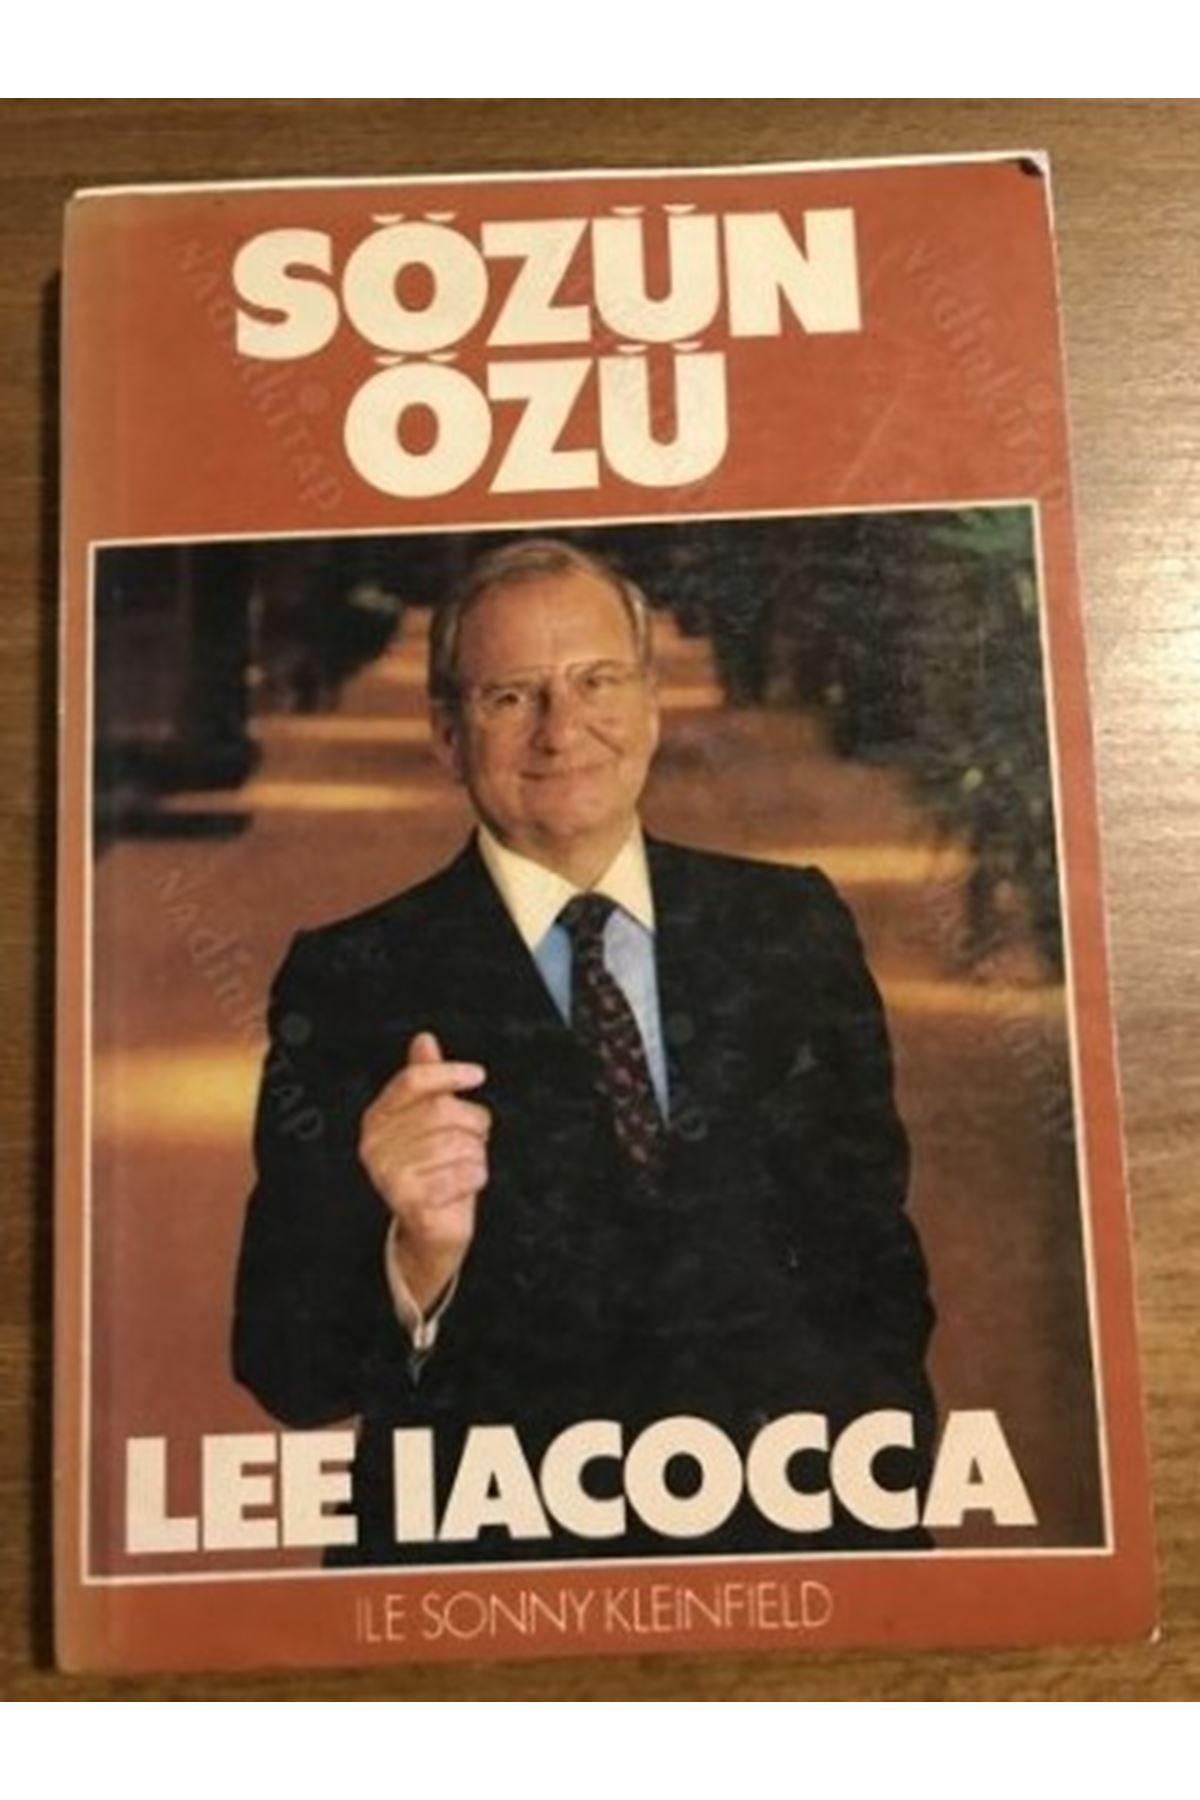 LEE IACOCCA - SÖZÜN ÖZÜ